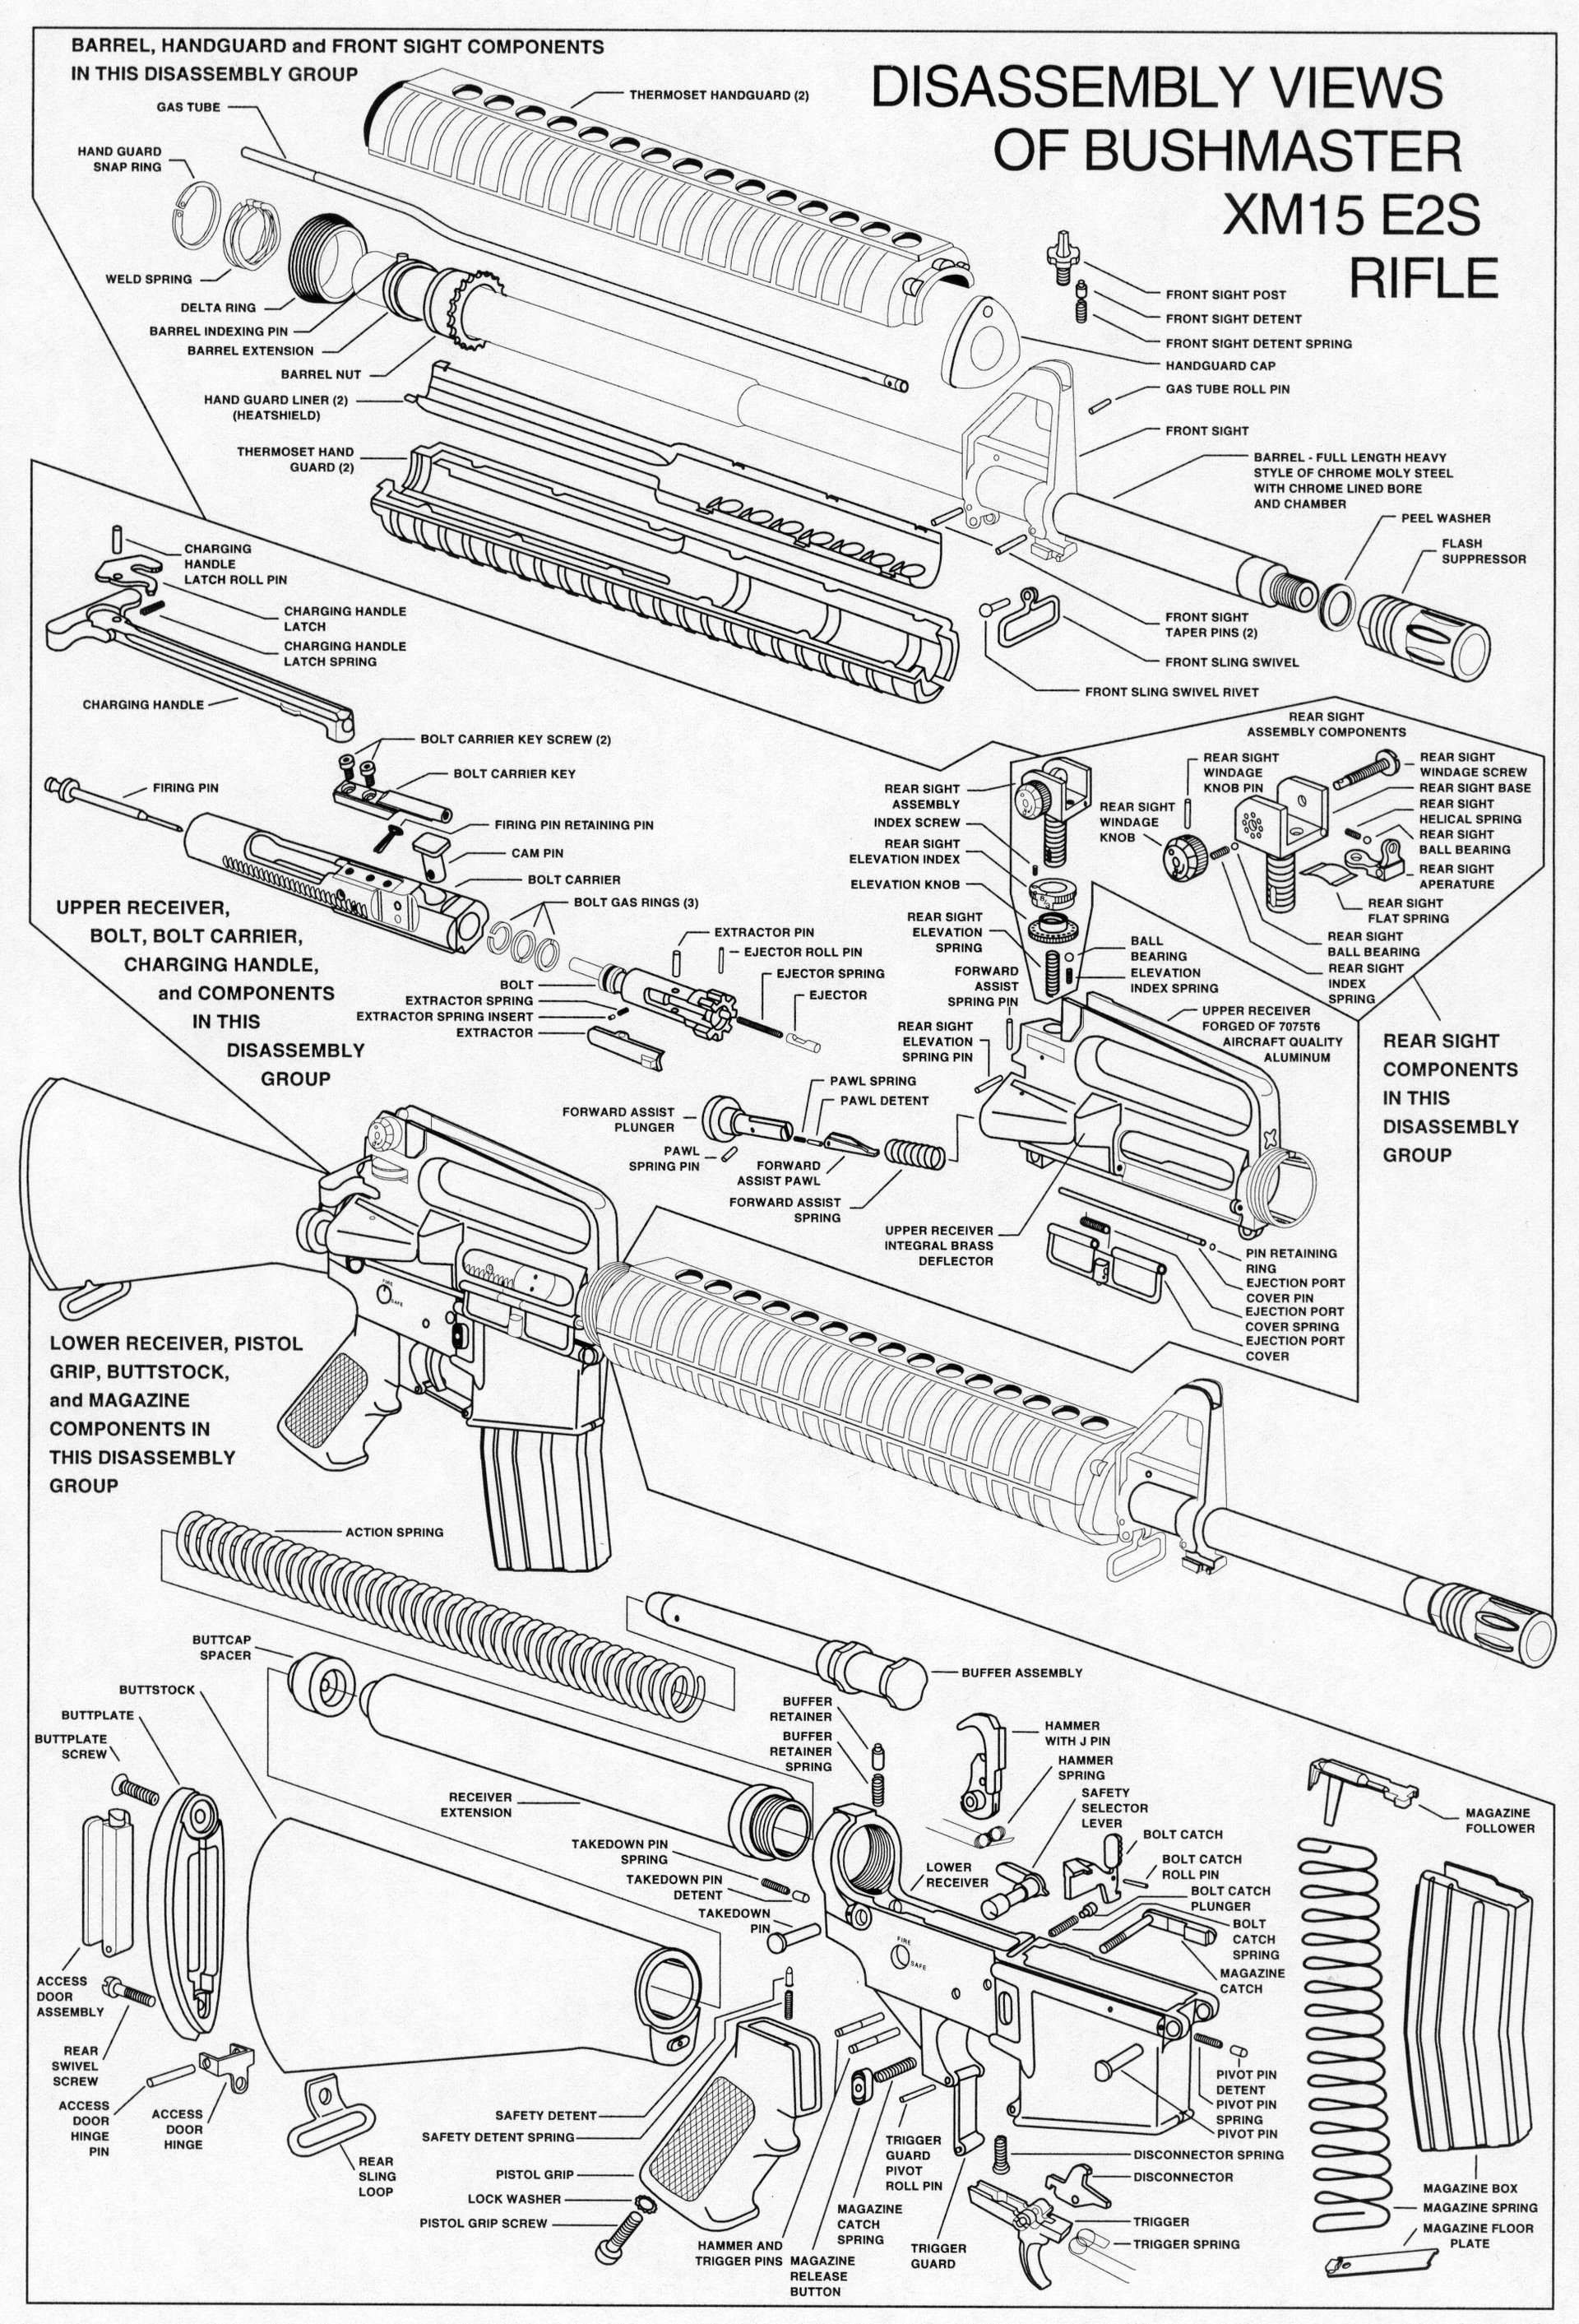 Ar Parts Diagram : parts, diagram, AR-15